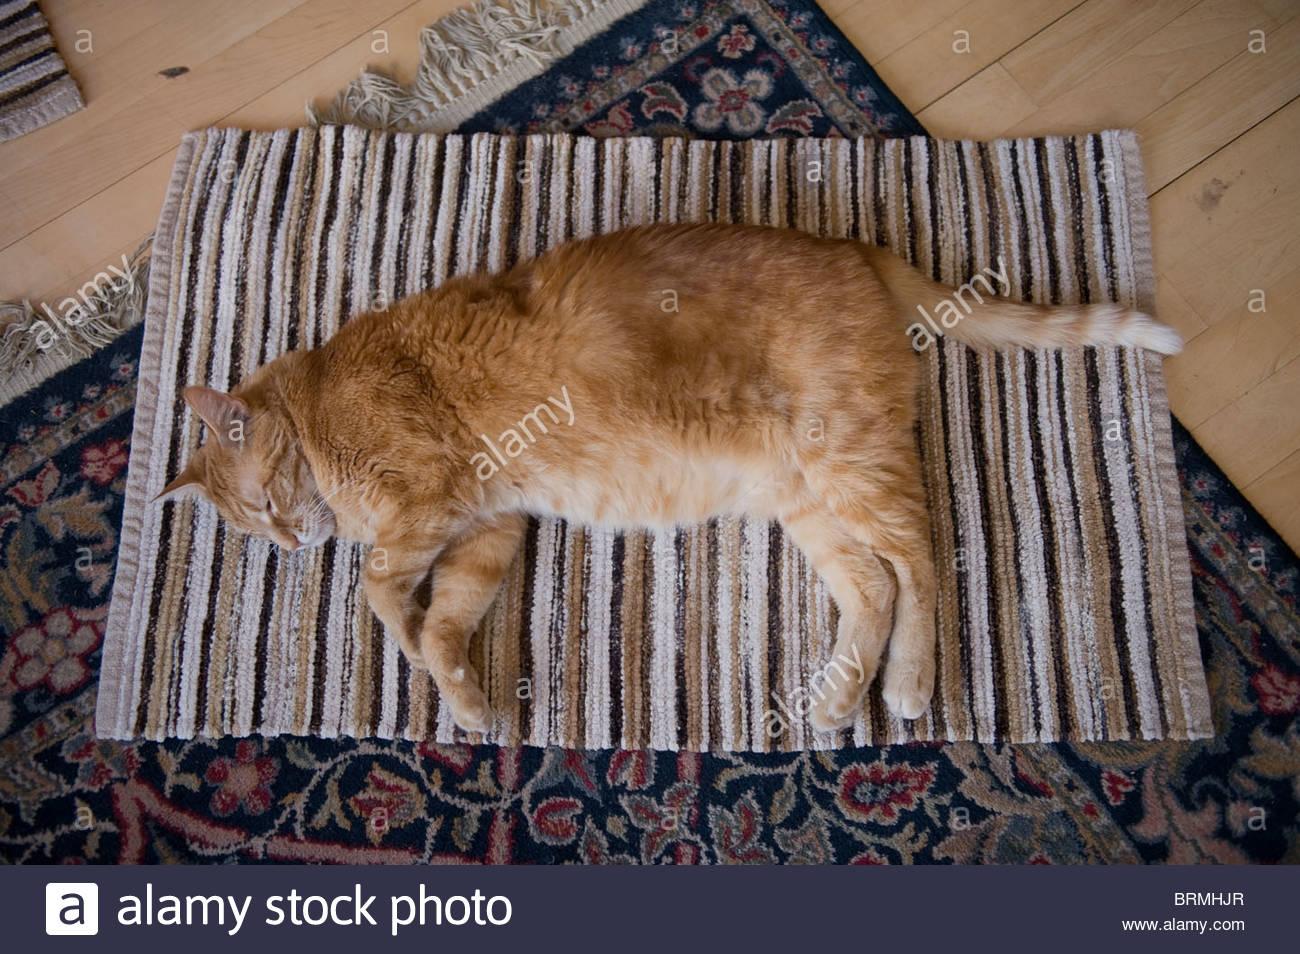 Eine Katze liegt friedlich auf einem Teppich in Lincoln, NE. Stockbild